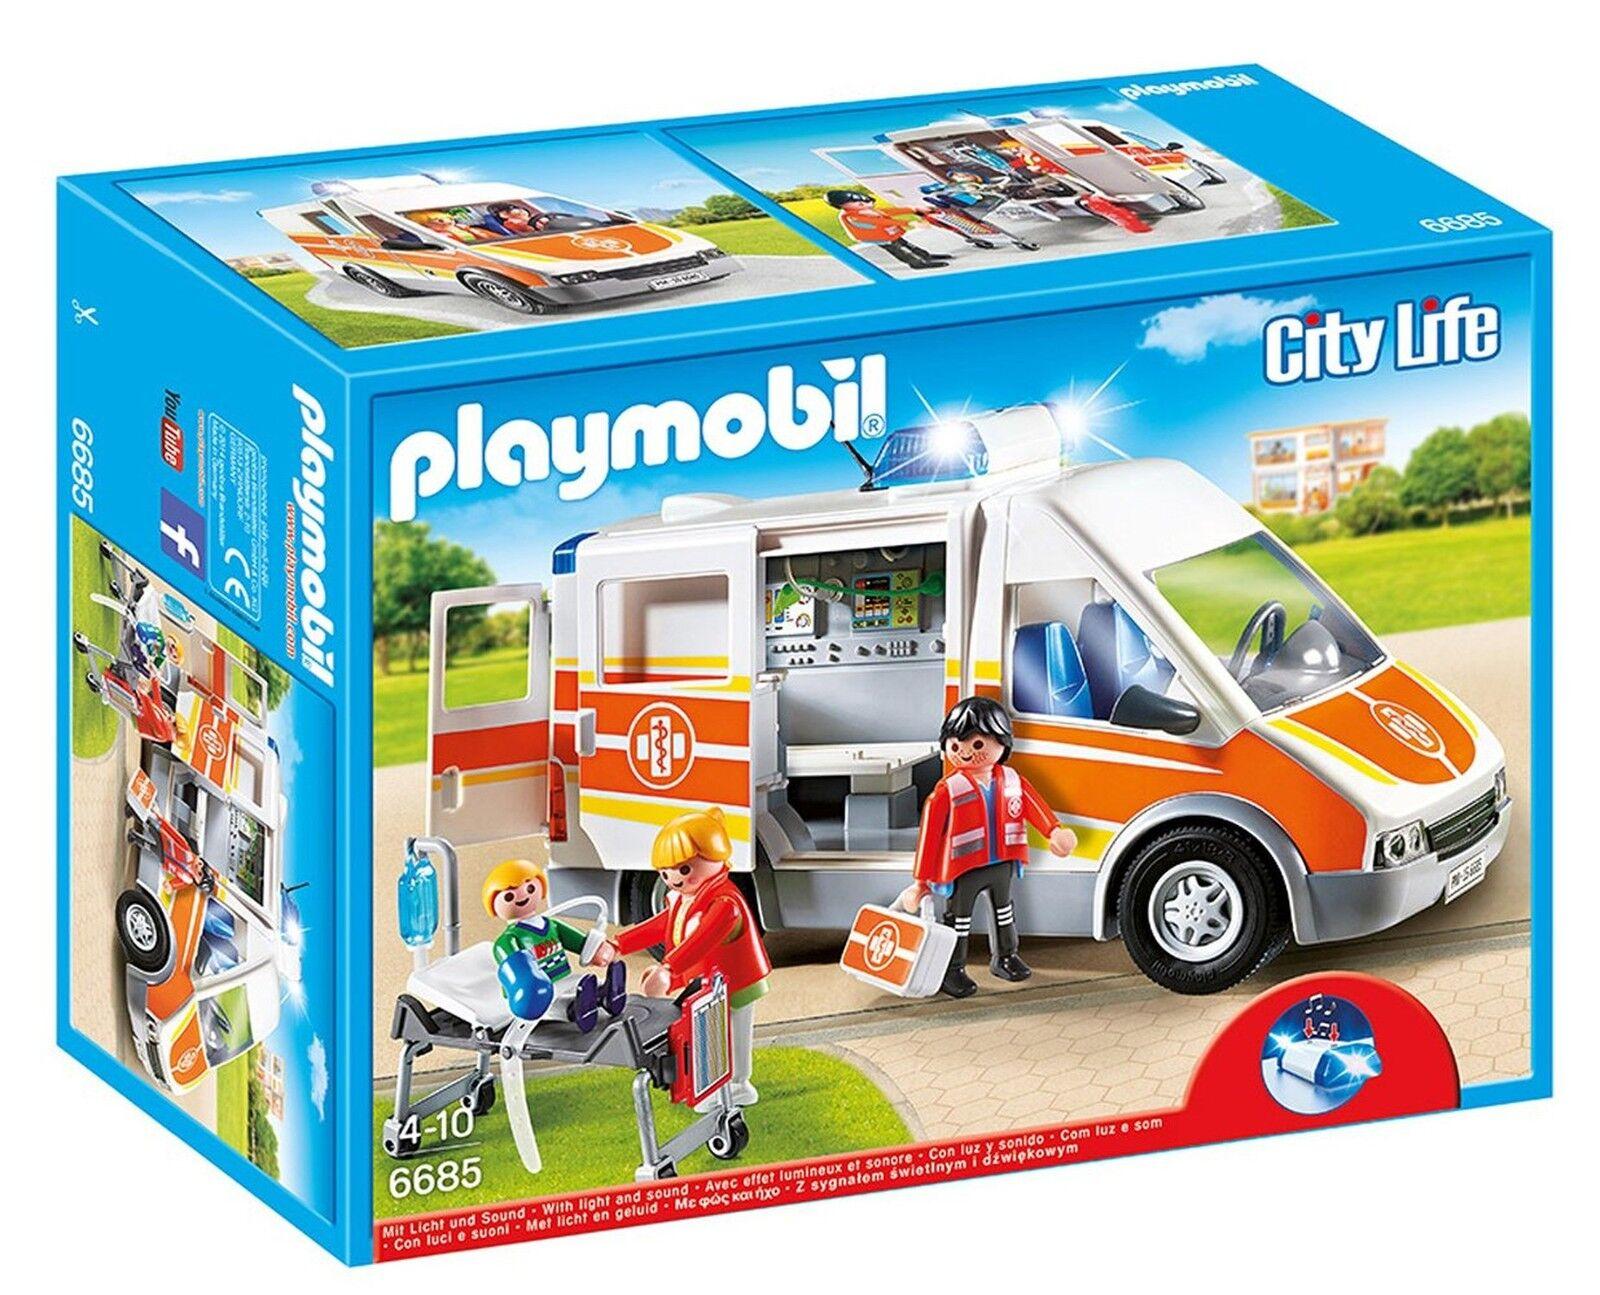 PLAYMOBIL 6685 città Life OSPEDALE PEDIATRICO Ambulanza  con Luci e Suoni  marchi di moda